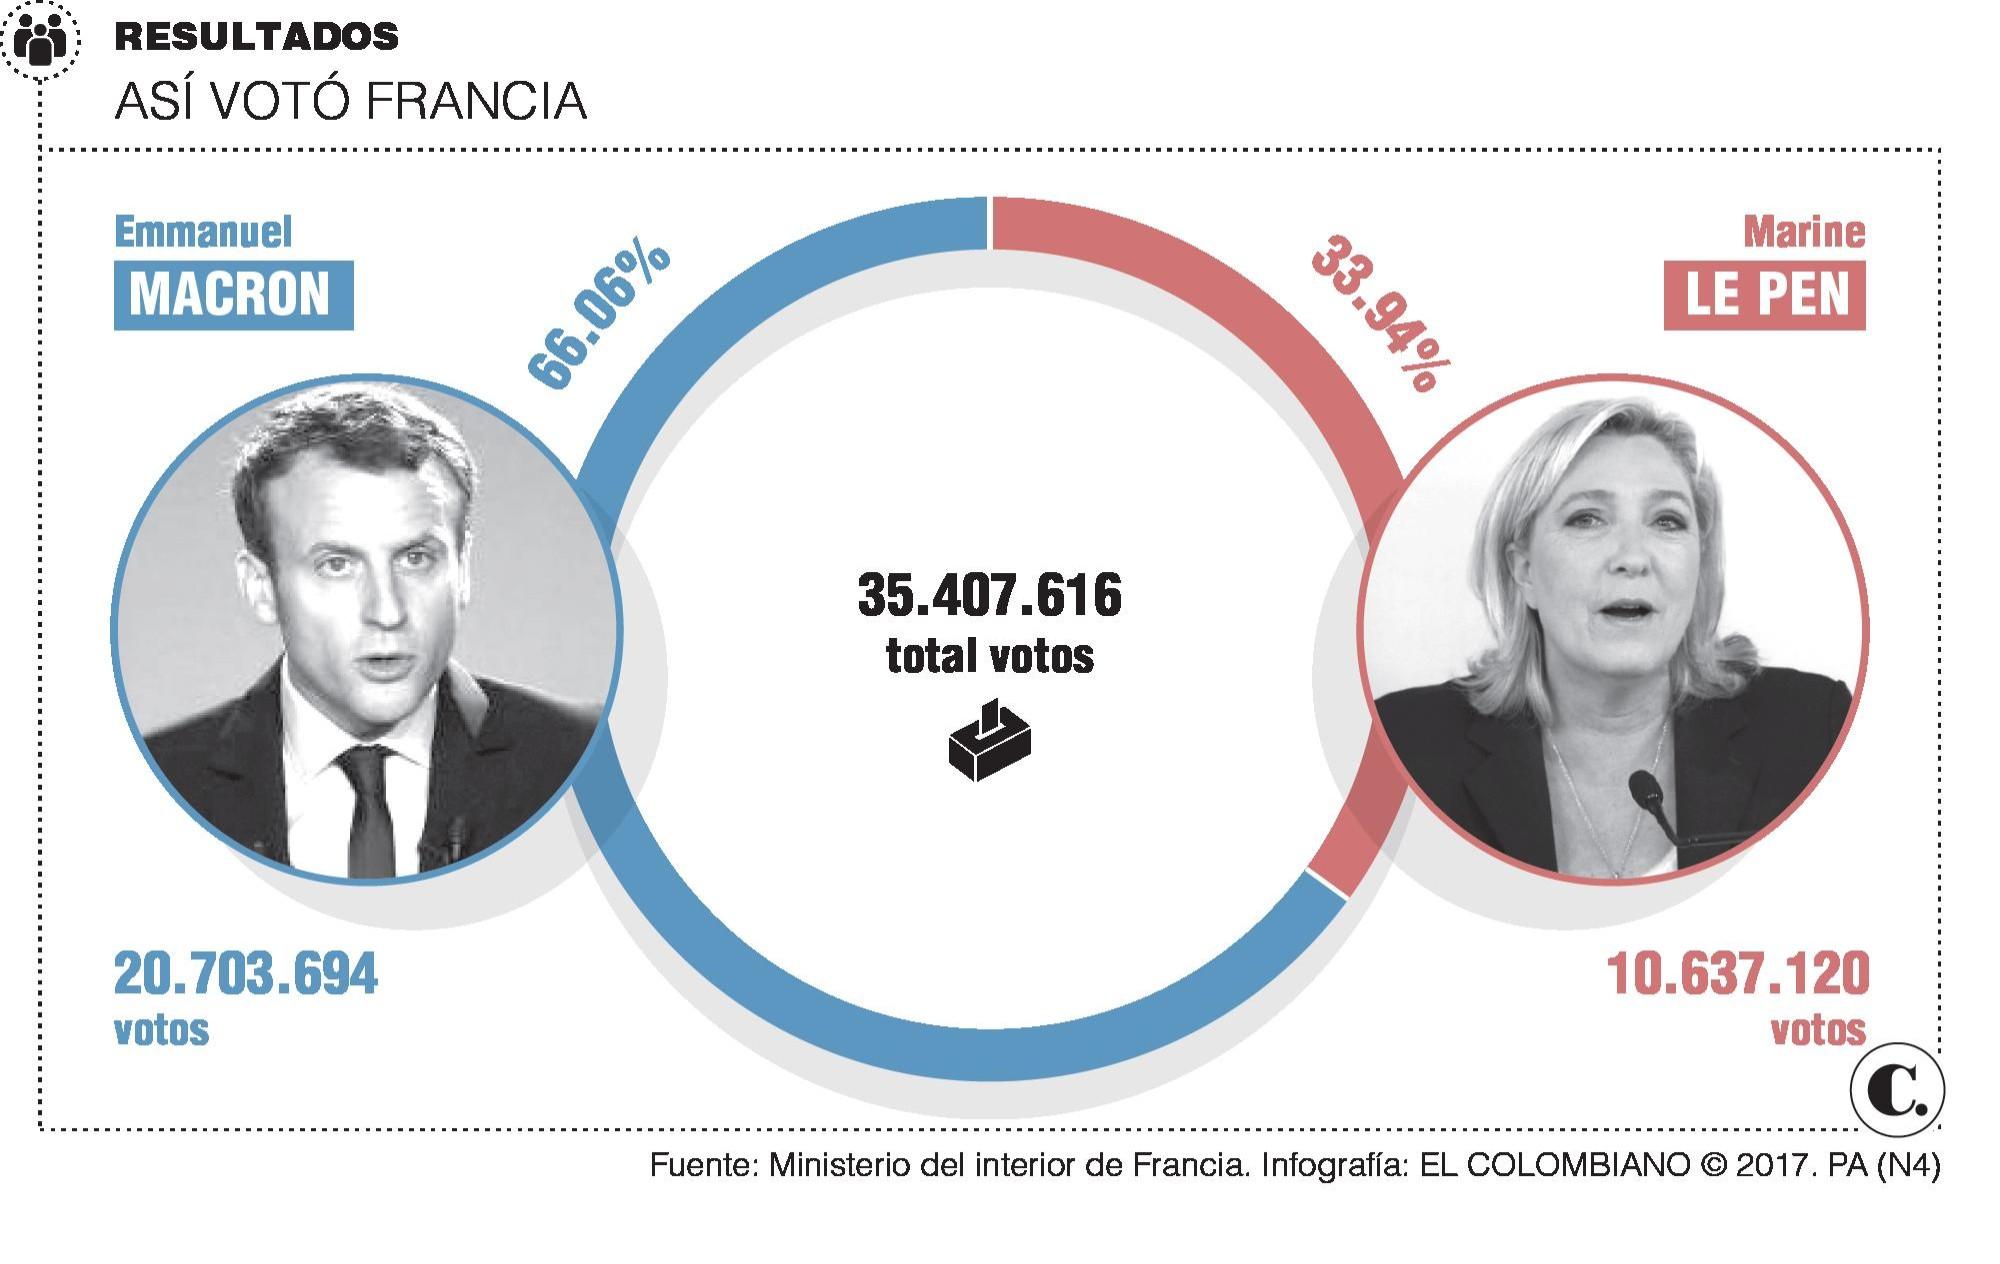 Macron, la promesa de unidad para Francia y Europa